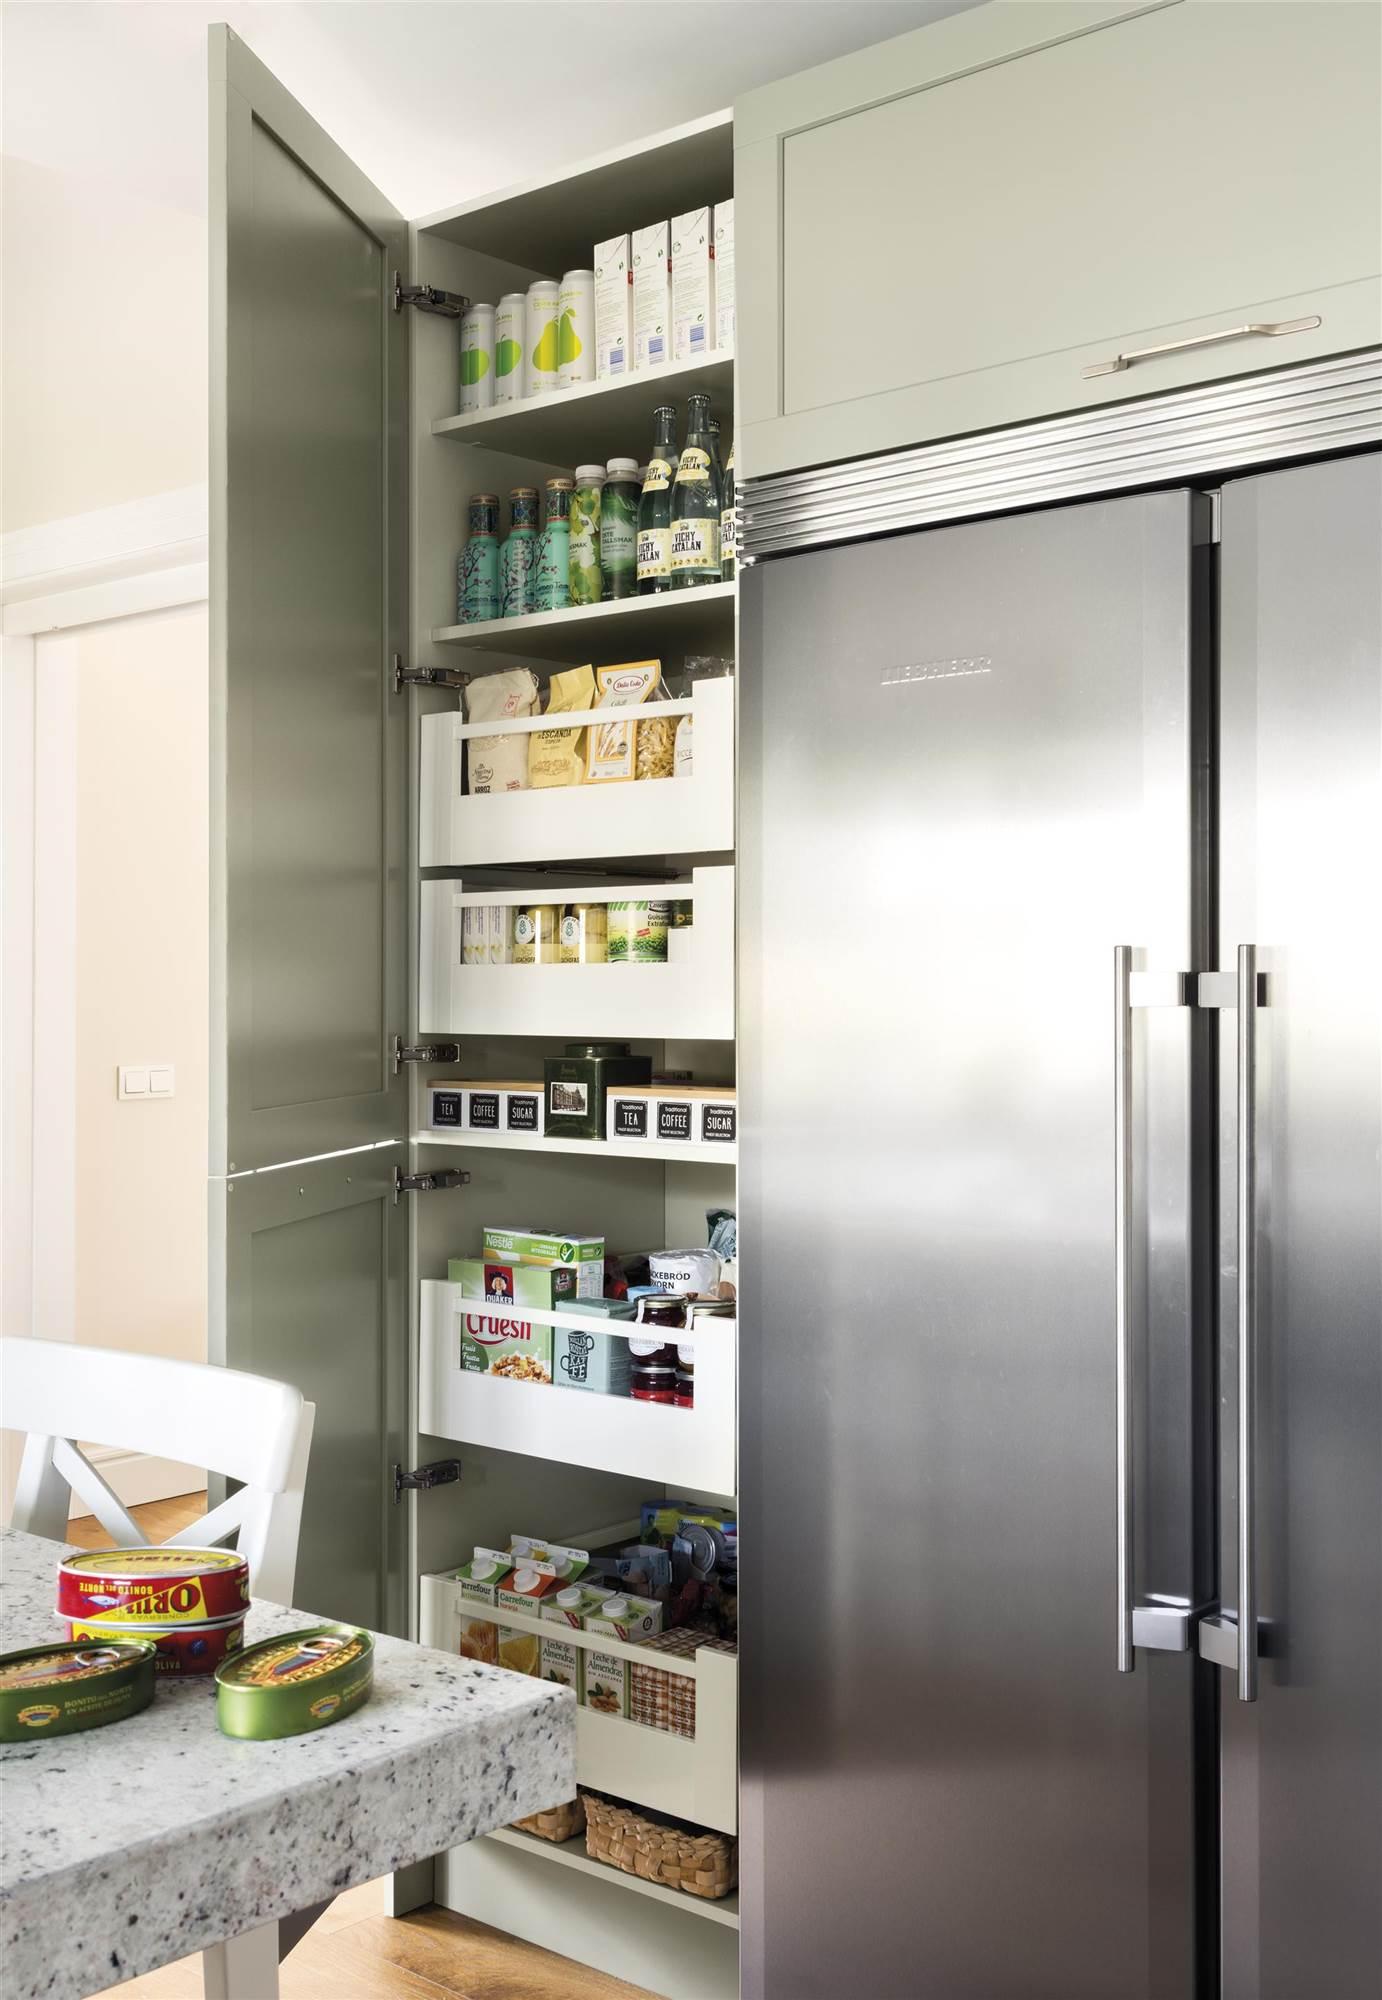 Tu despensa en casa: fotos de despensas con soluciones de almacenaje